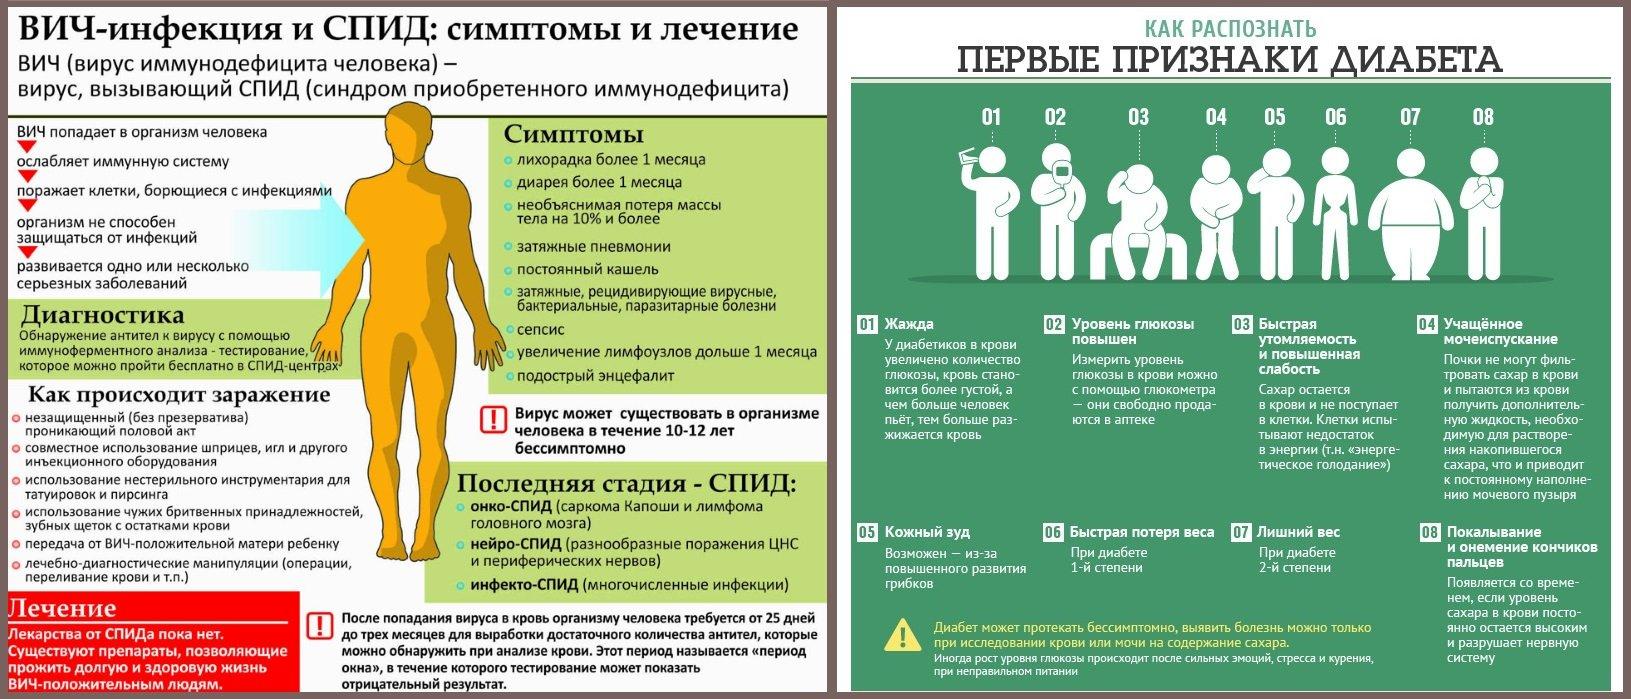 Симптомы диабета и ВИЧ-инфекции